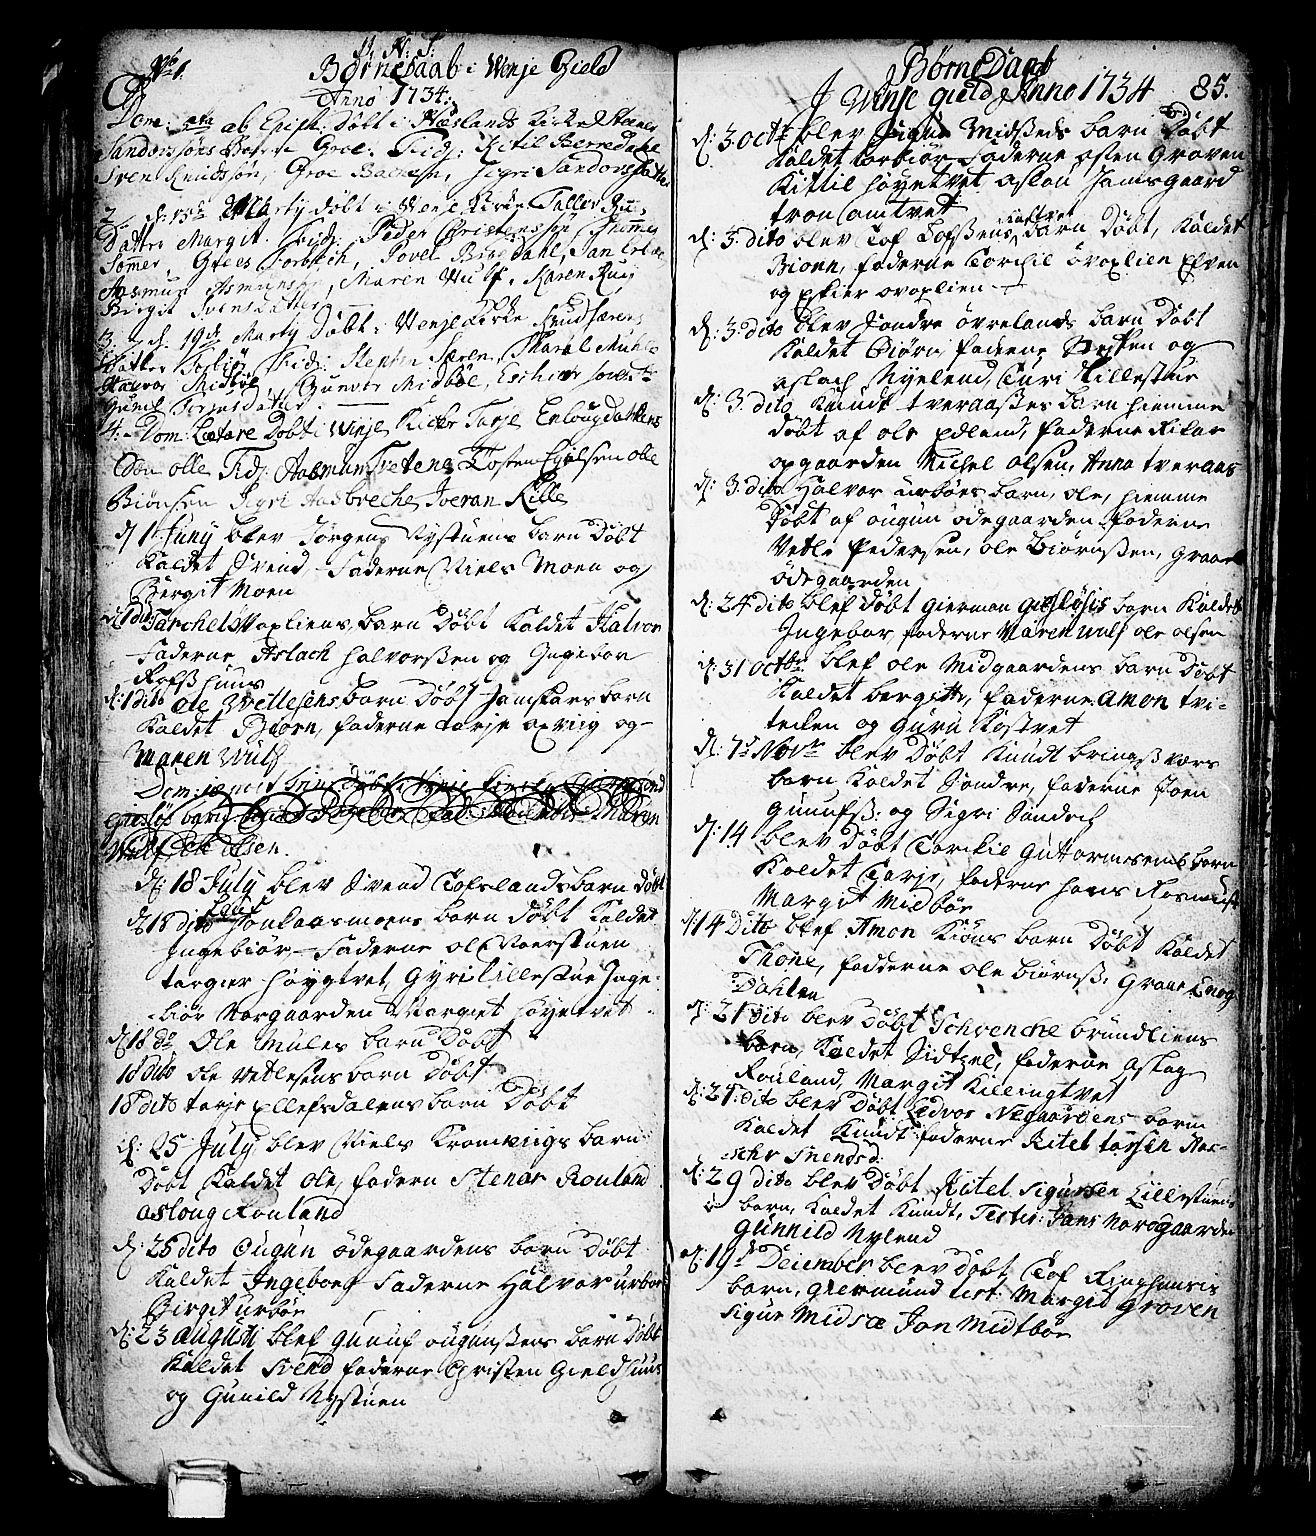 SAKO, Vinje kirkebøker, F/Fa/L0001: Ministerialbok nr. I 1, 1717-1766, s. 85